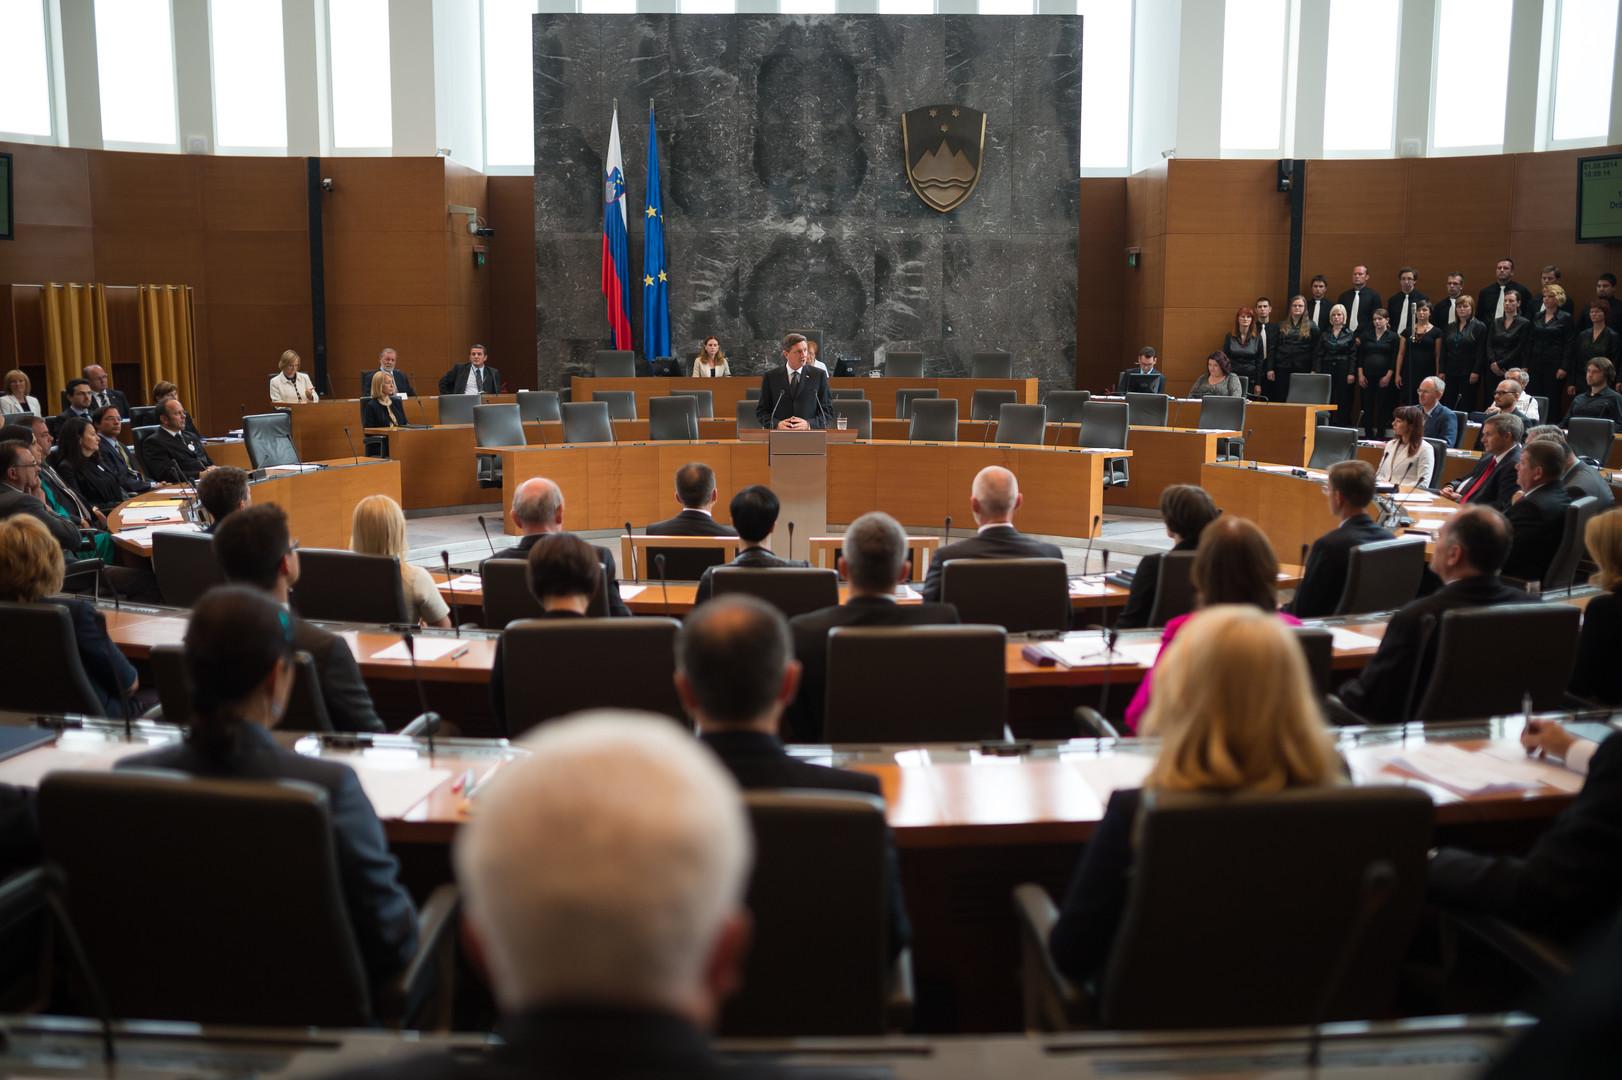 Словения наведет мосты между Россией и Евросоюзом